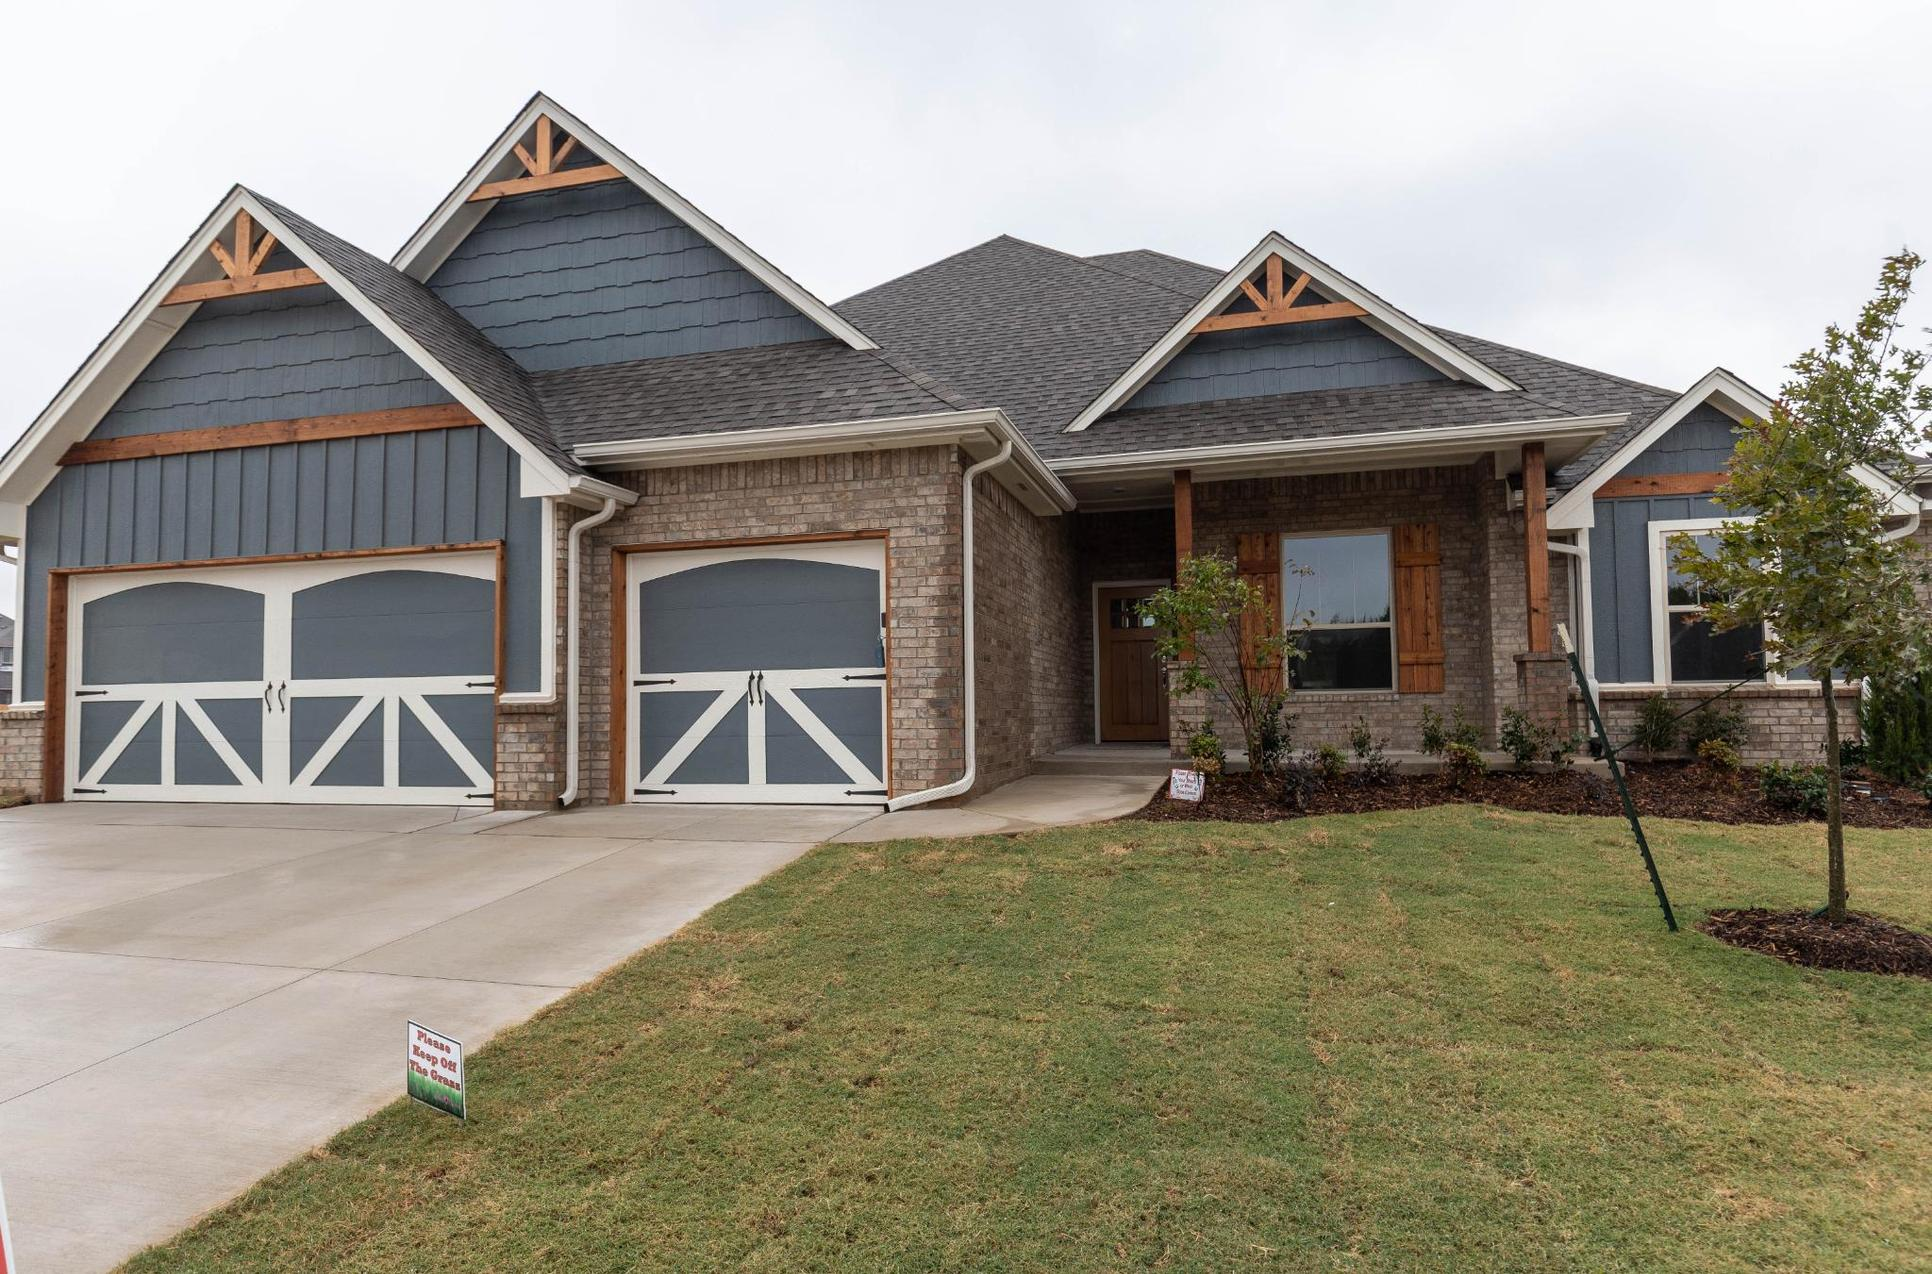 Homes by Taber Cornerstone Bonus Room 2 Floor Plan